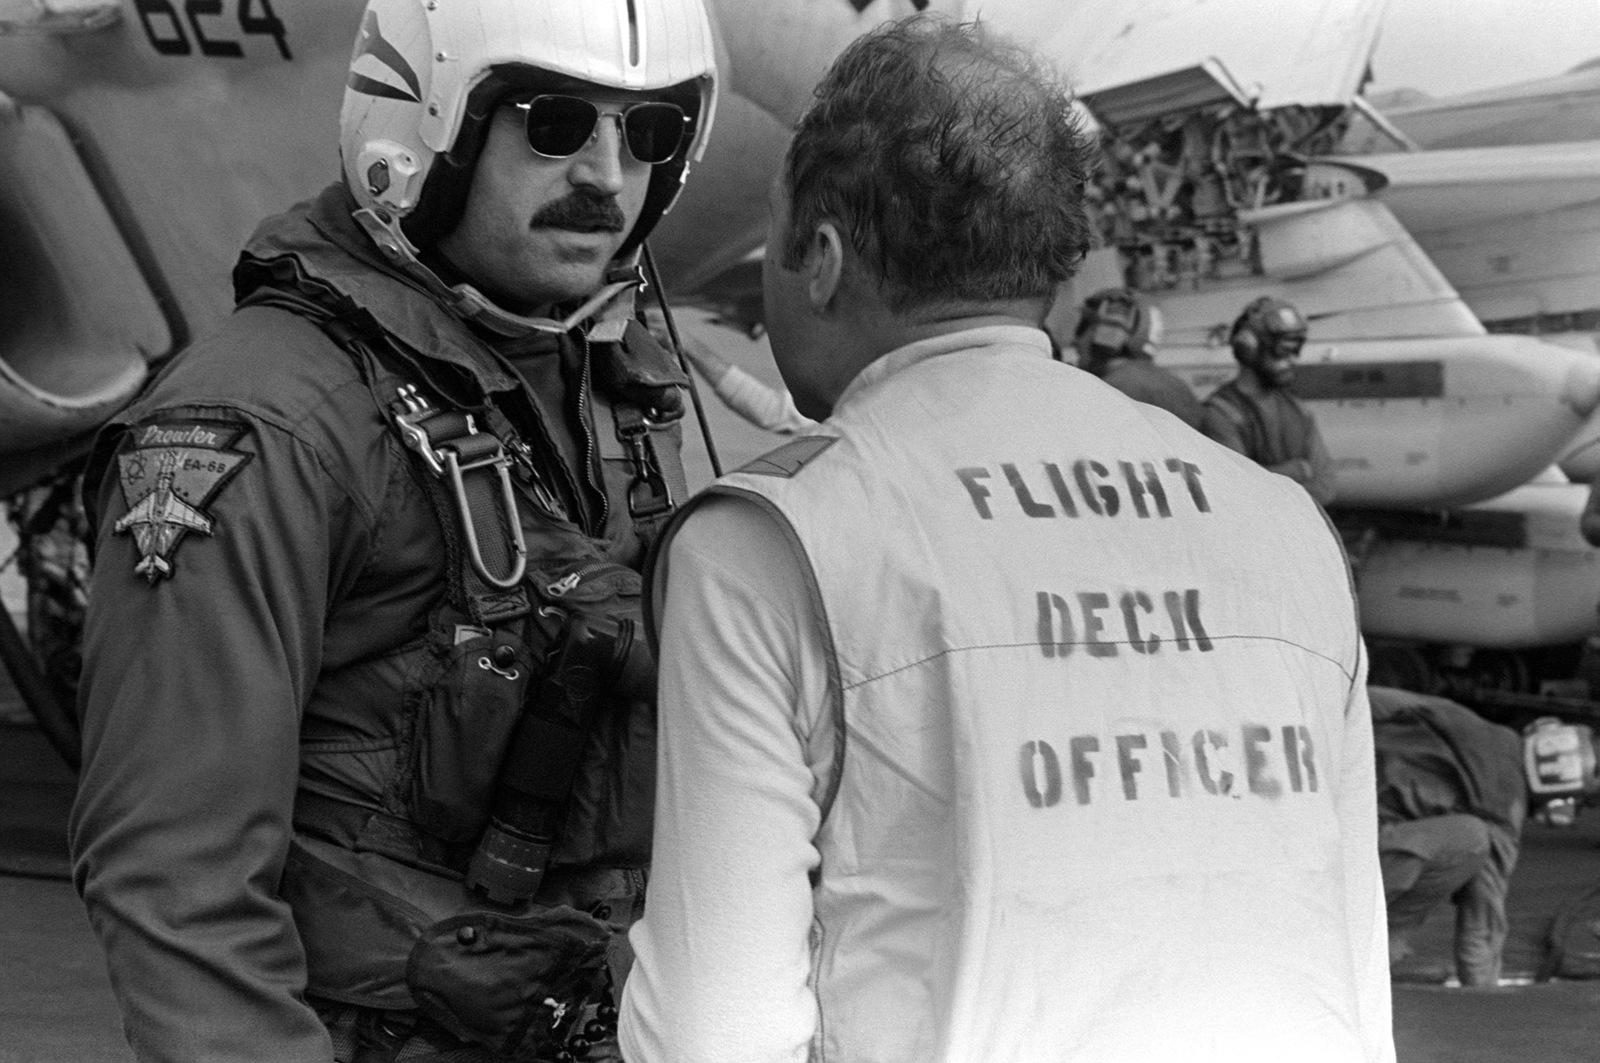 An A-6 Intruder aircraft pilot and the flight deck officer discuss